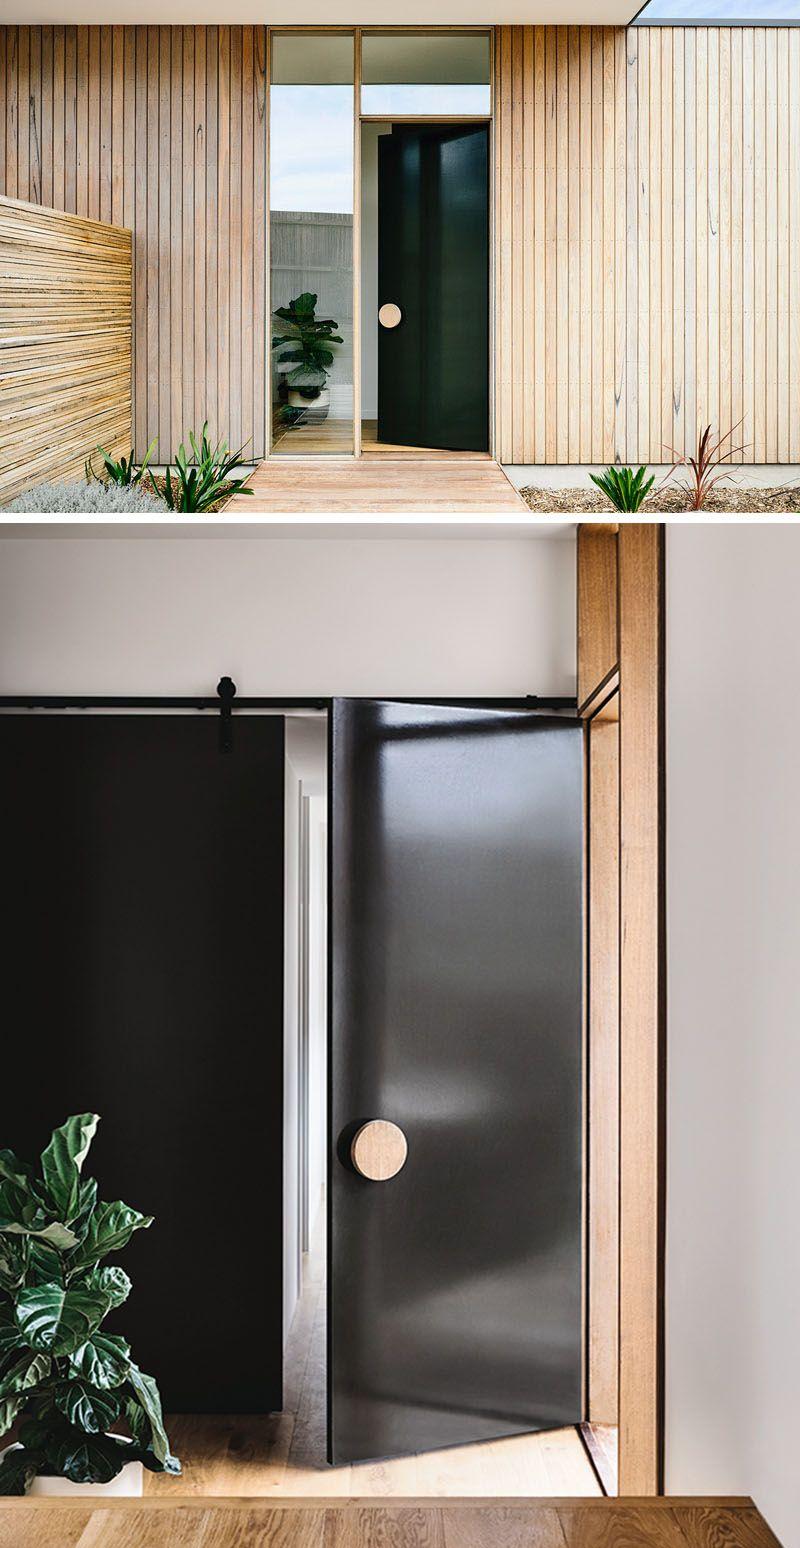 black front door handles. Front Door Design Idea - Use An Oversized Circular Handle For A Unique Look Black Handles